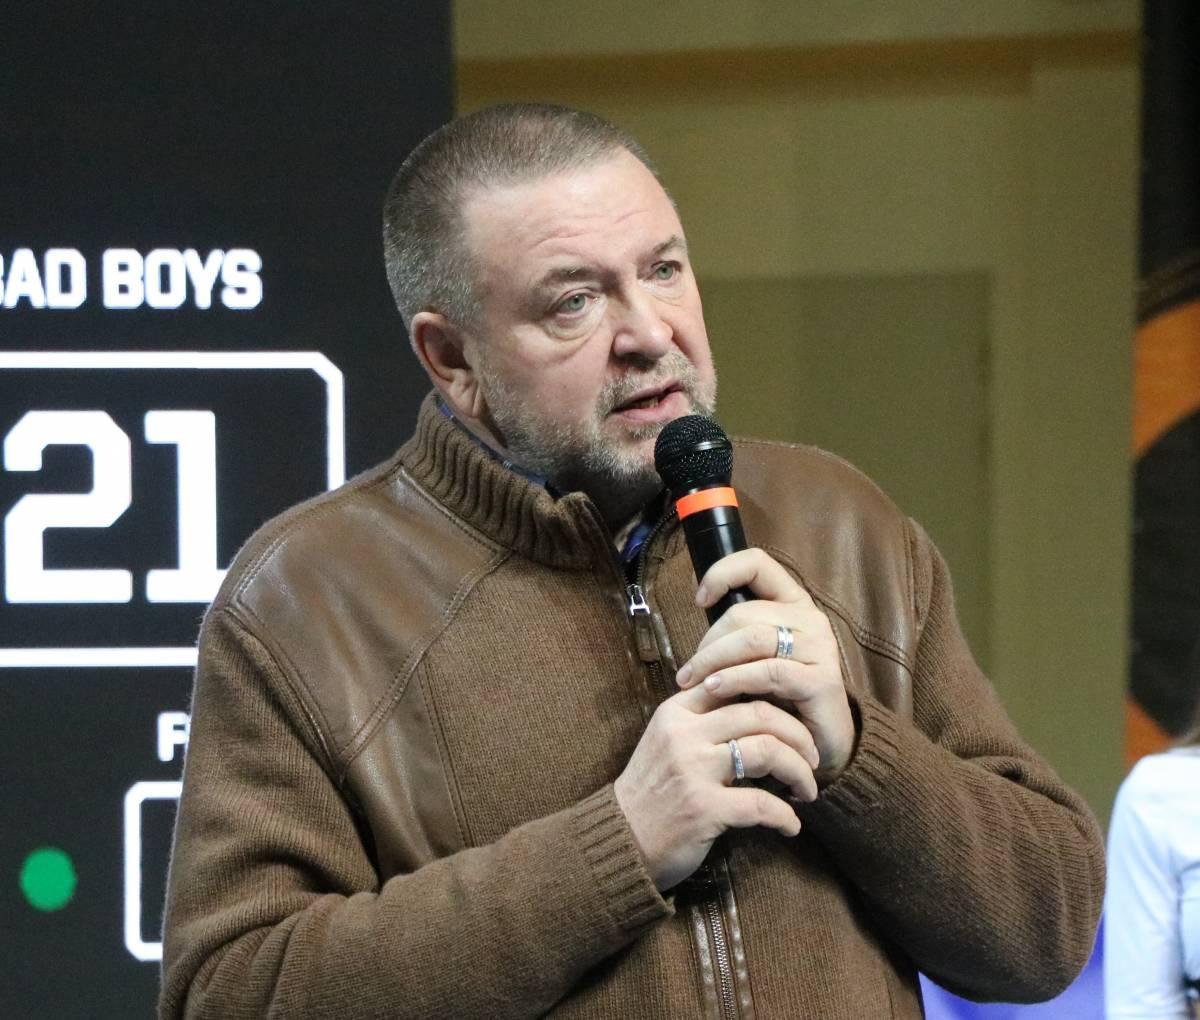 Сергей Фомин: Наша работа - привлечение инвестиций в здоровье граждан